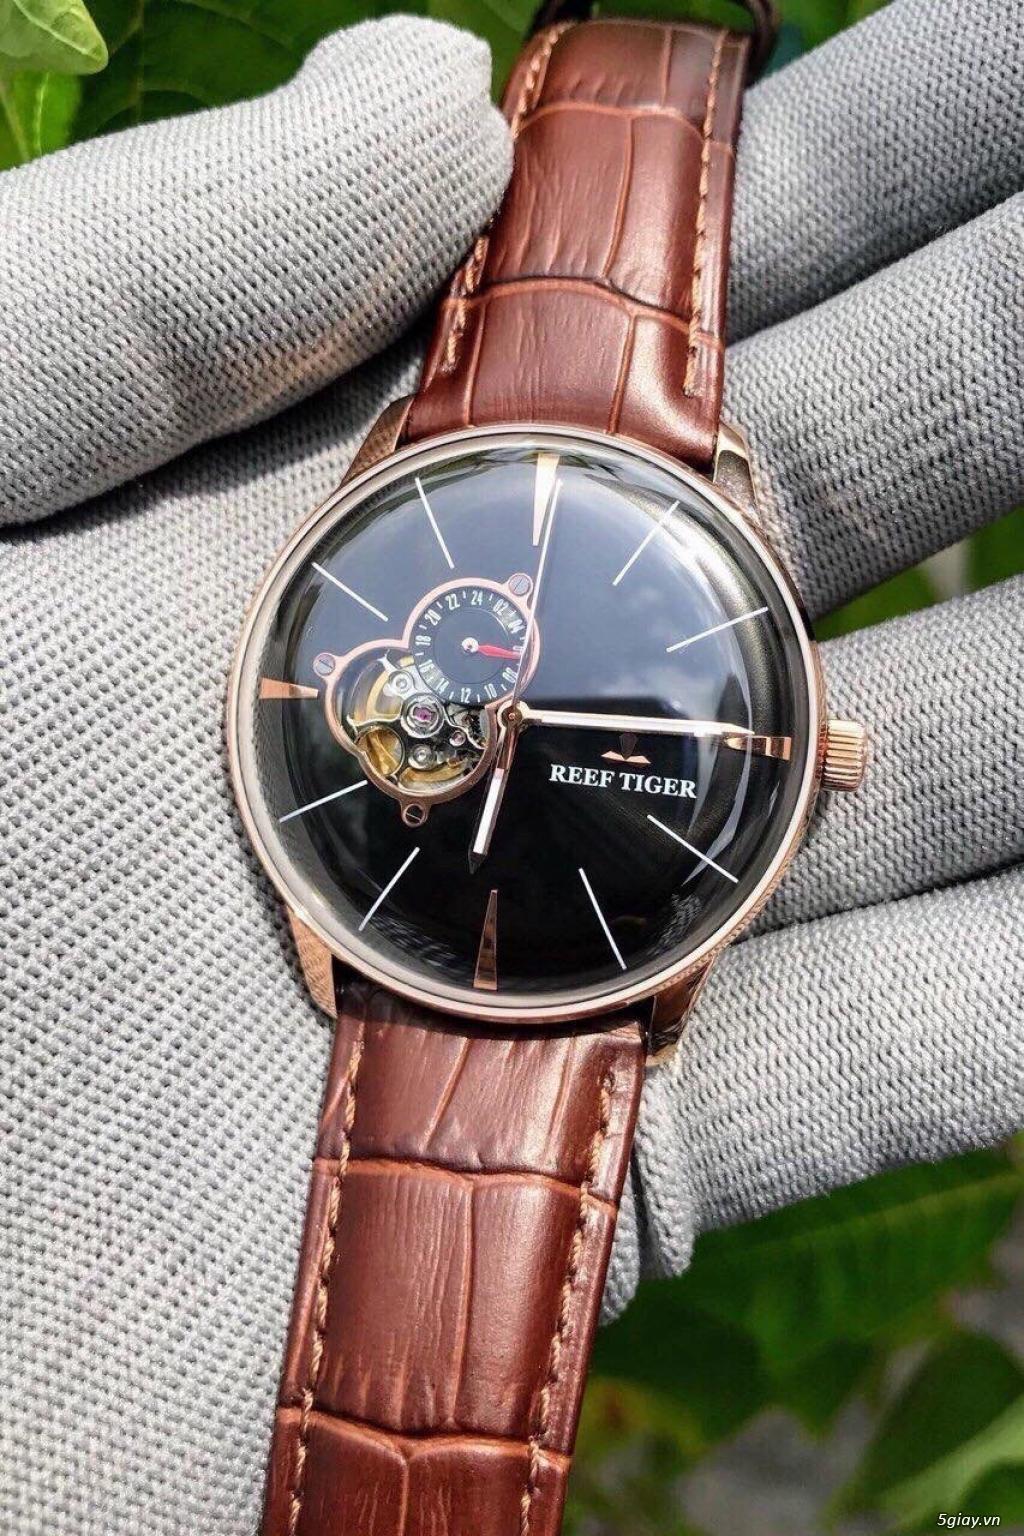 Đồng hồ xách tay chính hãng tại biên hoà, chuyên hàng auth, cao cấp, - 3